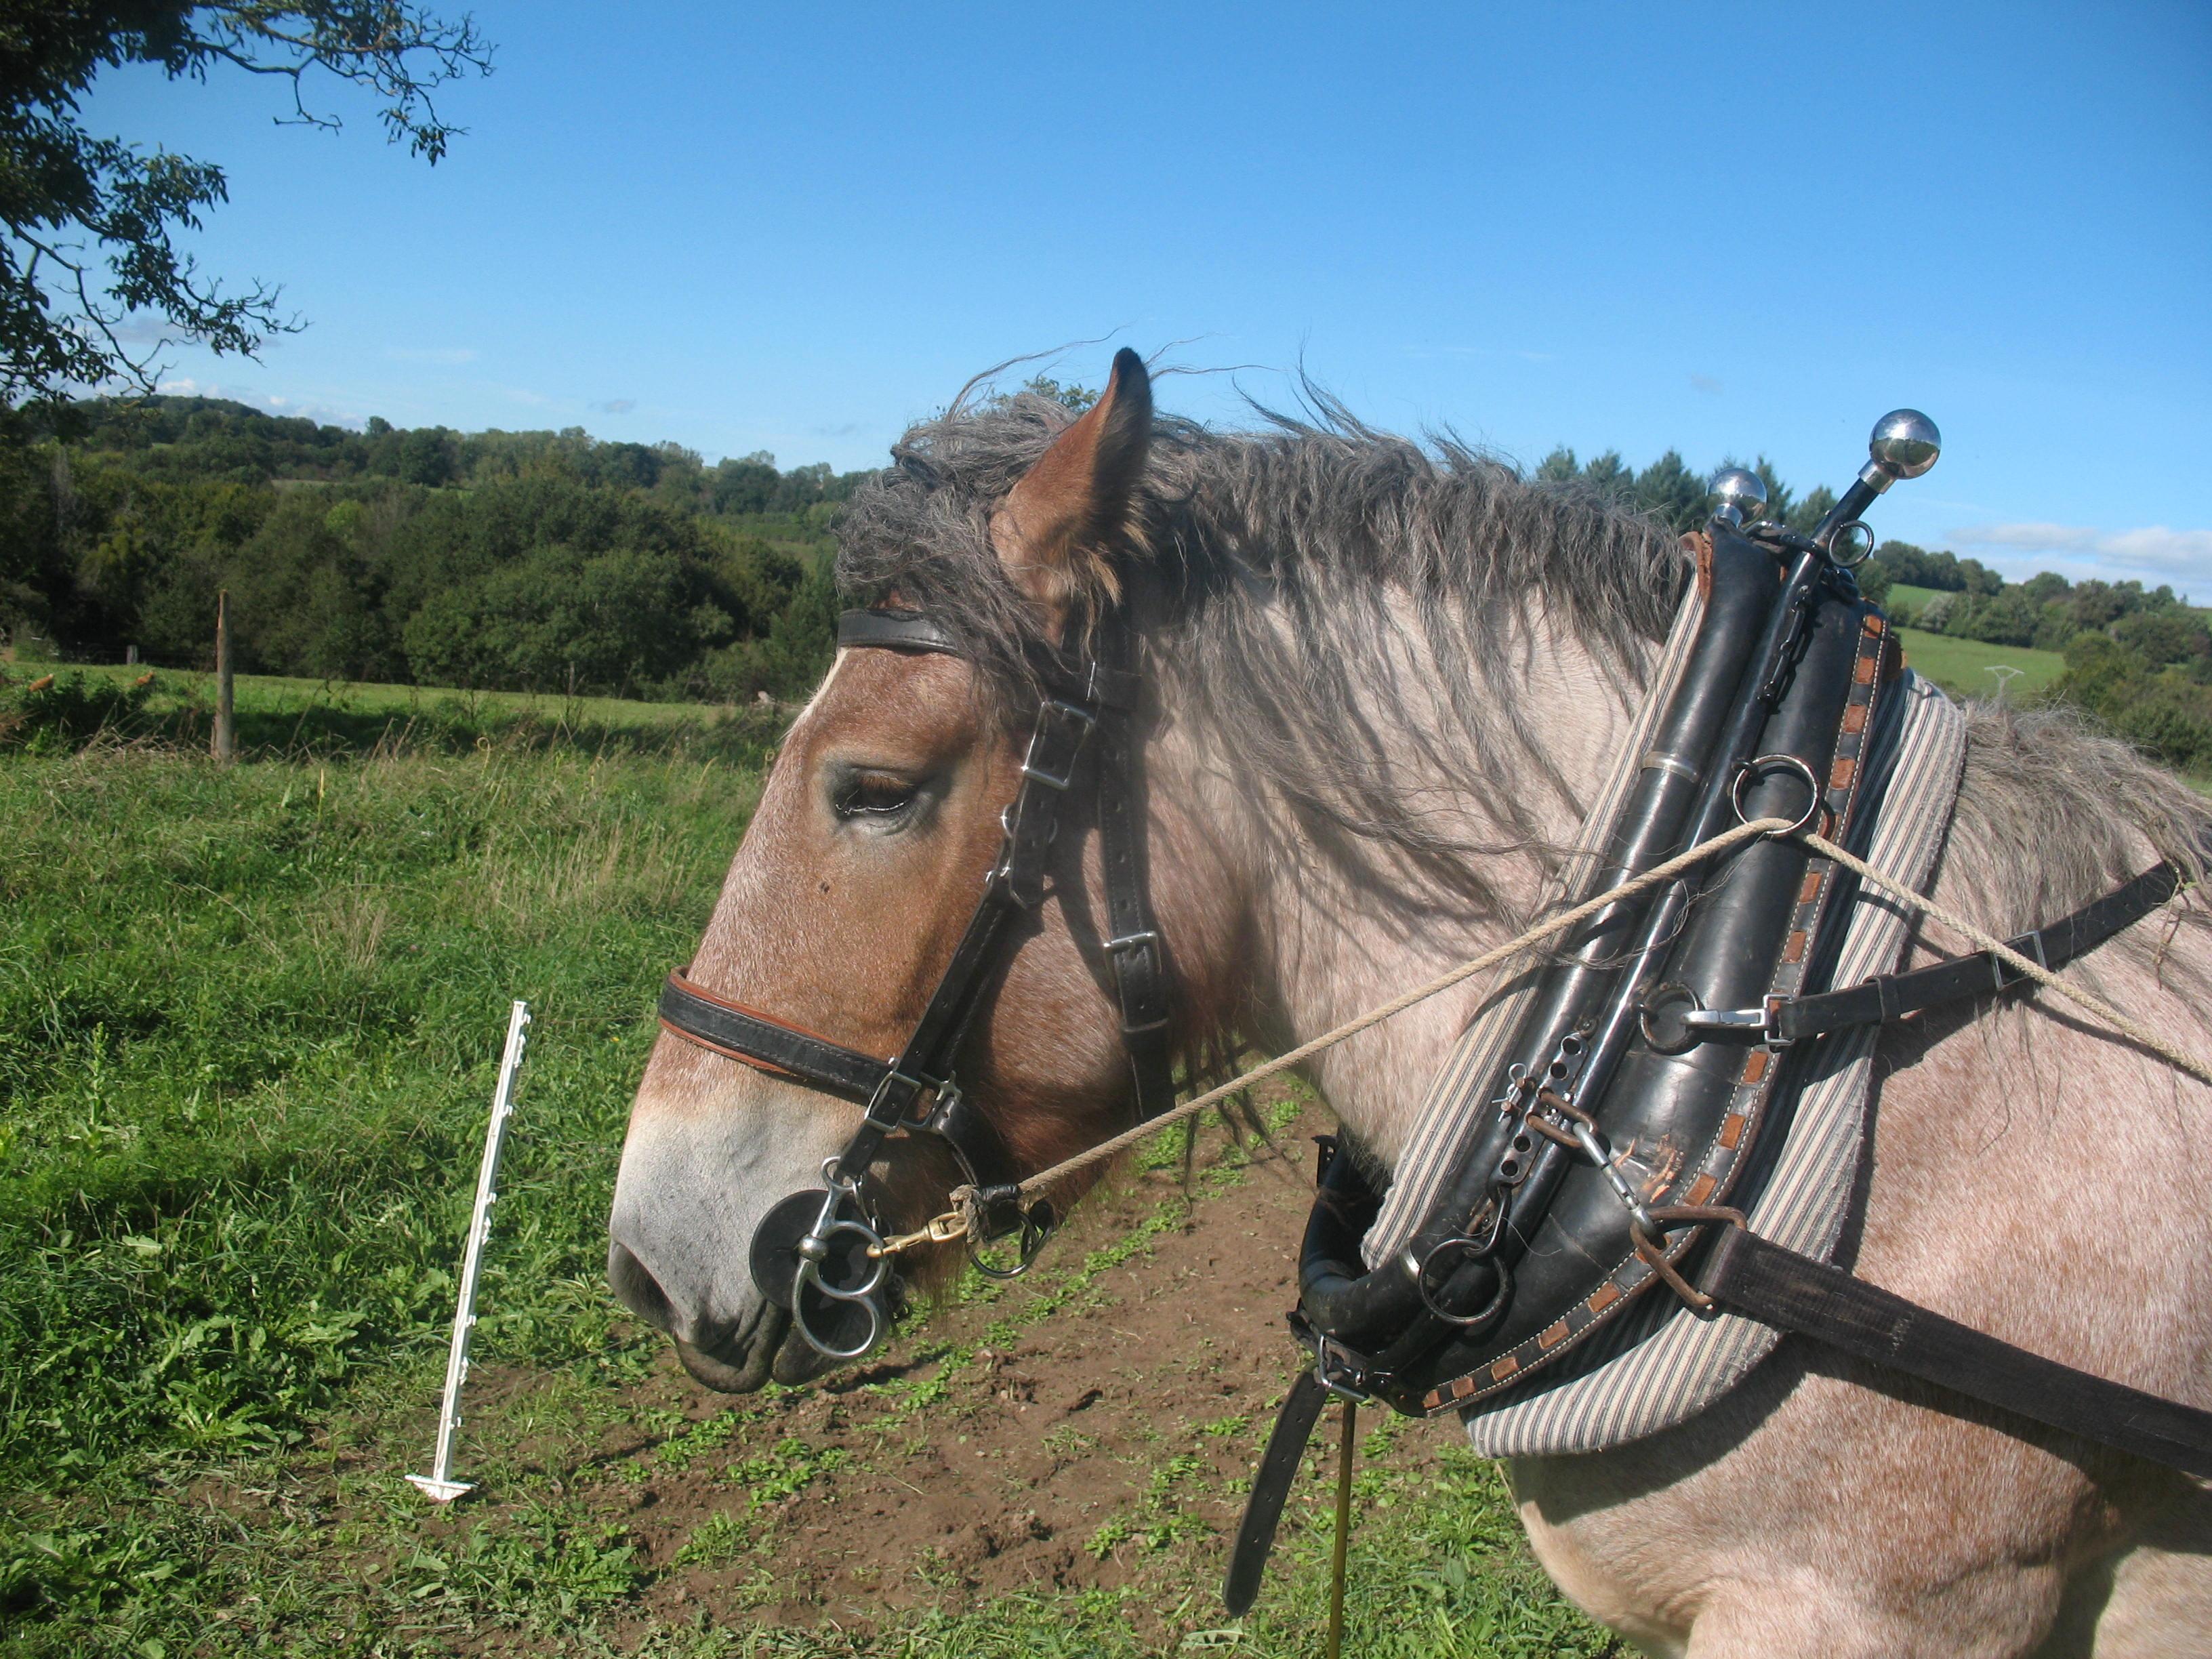 Découverte du cheval de trait au travail - Le Mayet-de-Montagne Jardin et chevaux/initiation à la traction animale Ⓒ Jardins et Chevaux-E. PONSIGNON 2015